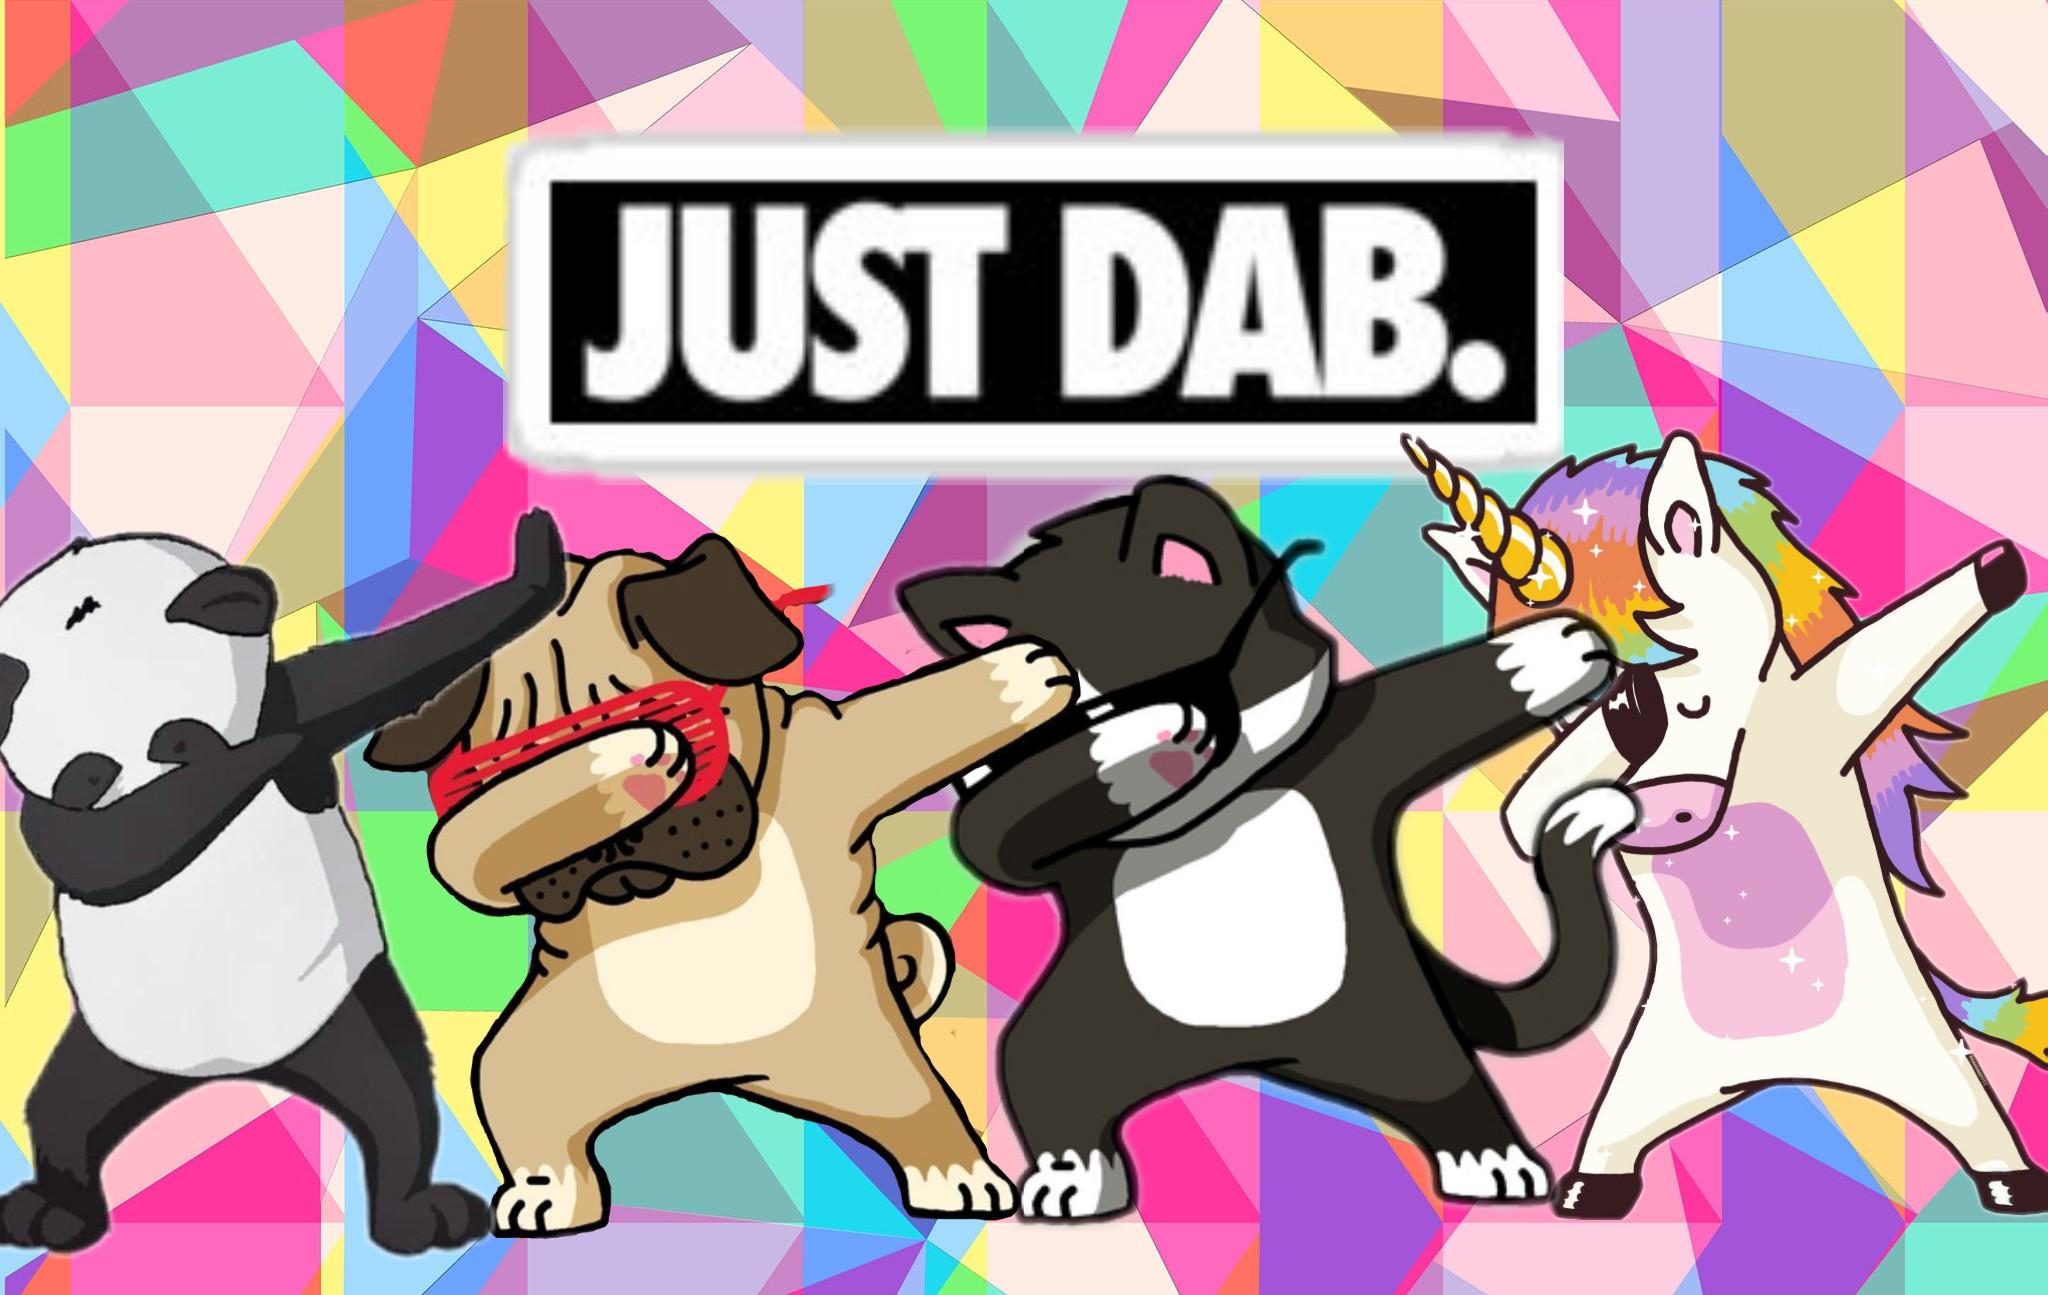 Cute Pug Wallpaper Cartoon Dab Dabbing Panda Unicorn Dog Cat